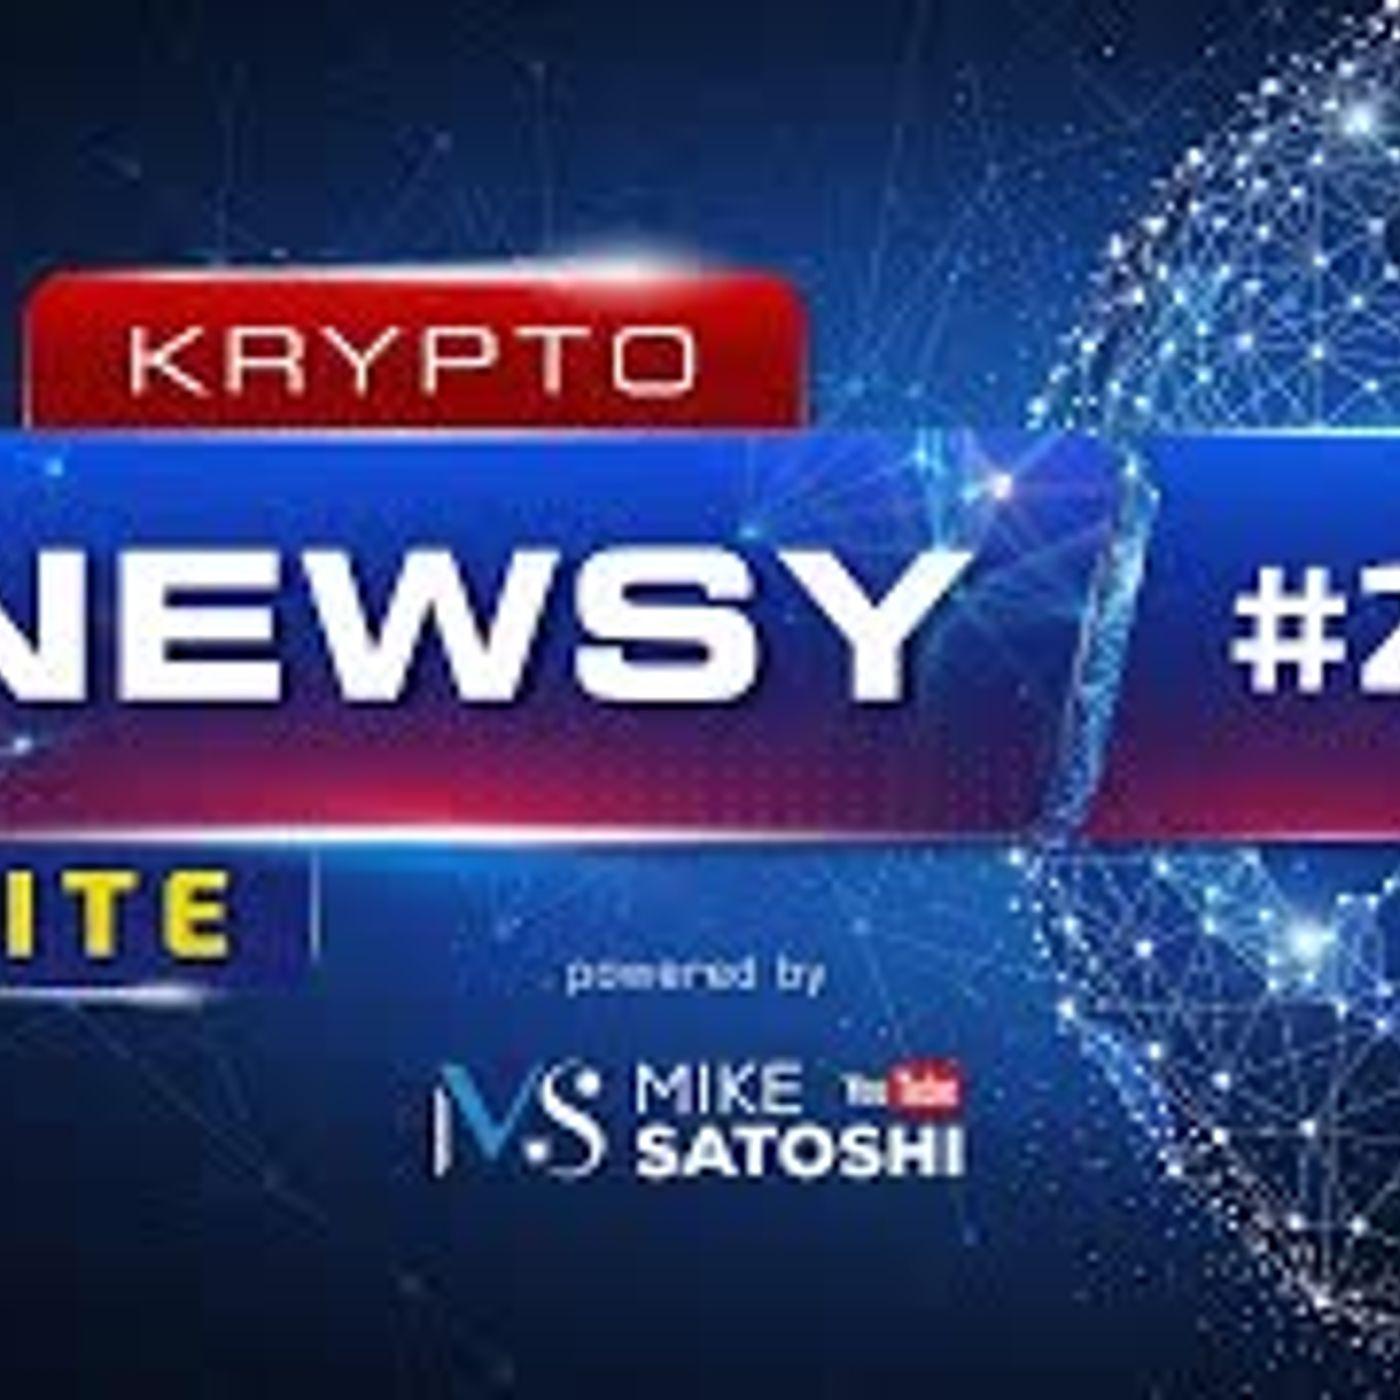 Krypto-Newsy Lite #22 | 22.06.2020 | Jim Rogers przewiduje upadek BTC, Wojna o Bitmain, Binance dodaje DGB, Intel i BlackBerry vs malware